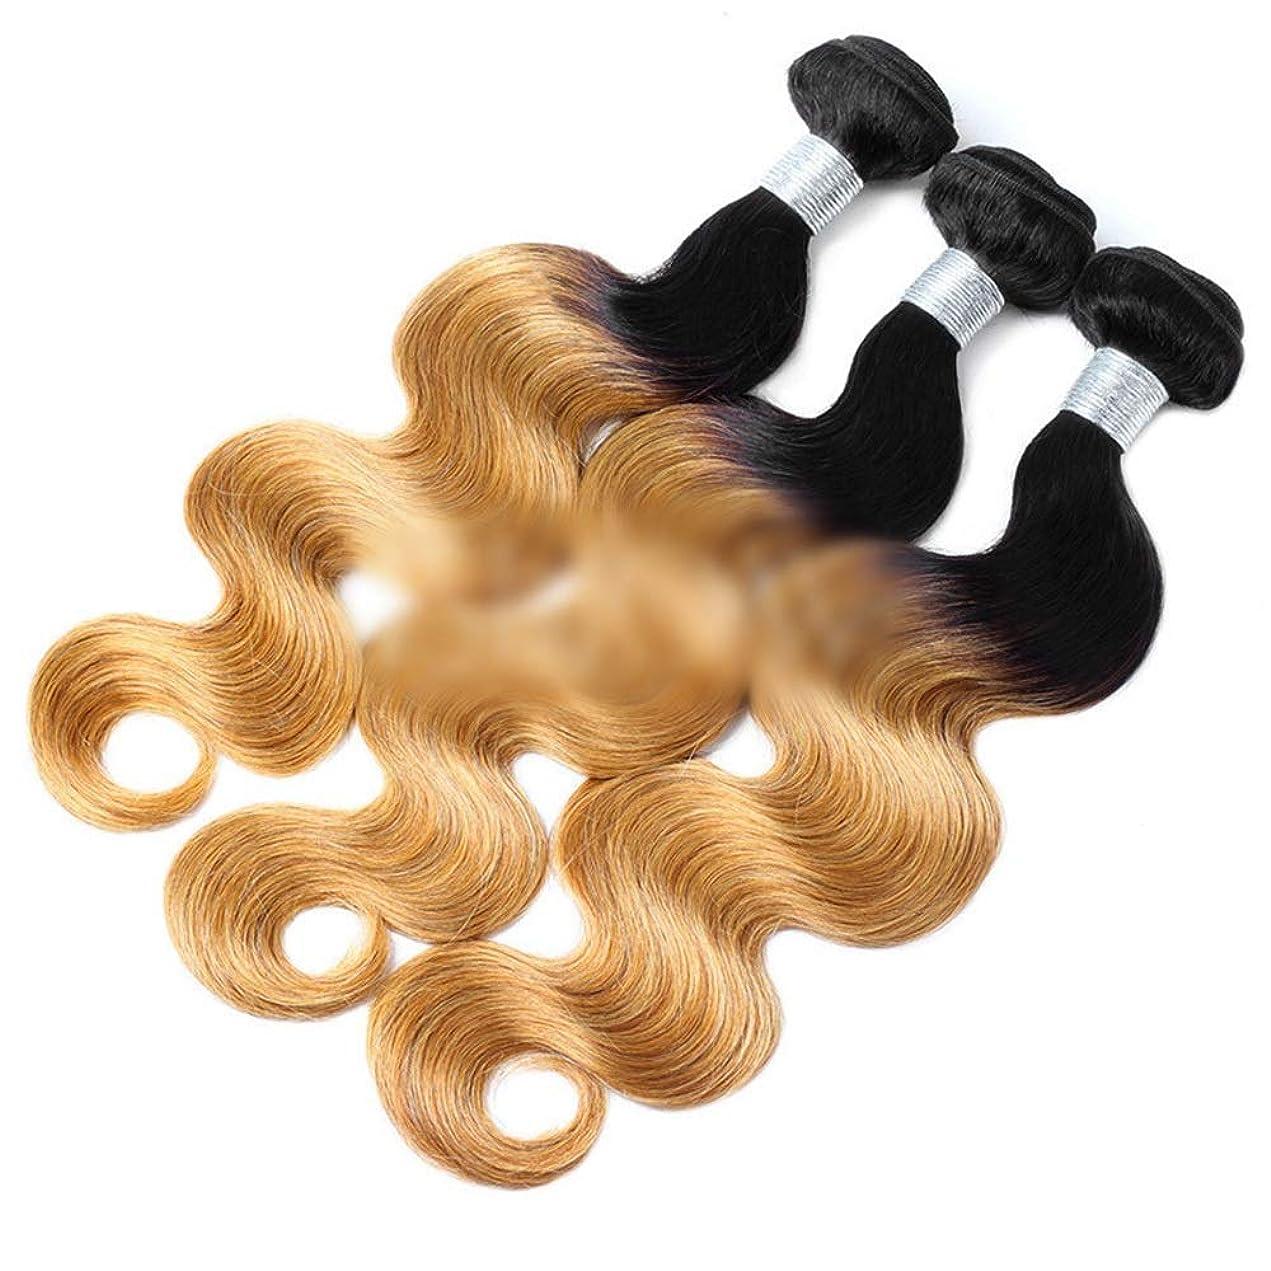 敵対的メンター立証するHOHYLLYA ブラジルのオンブル人間の髪の実体波の髪の束 - T6#ダークルーツグラデーションブロンドヘアエクステンション(12インチ-24インチ)ビッグウェーブウィッグウィッグ (色 : Blonde, サイズ : 18 inch)